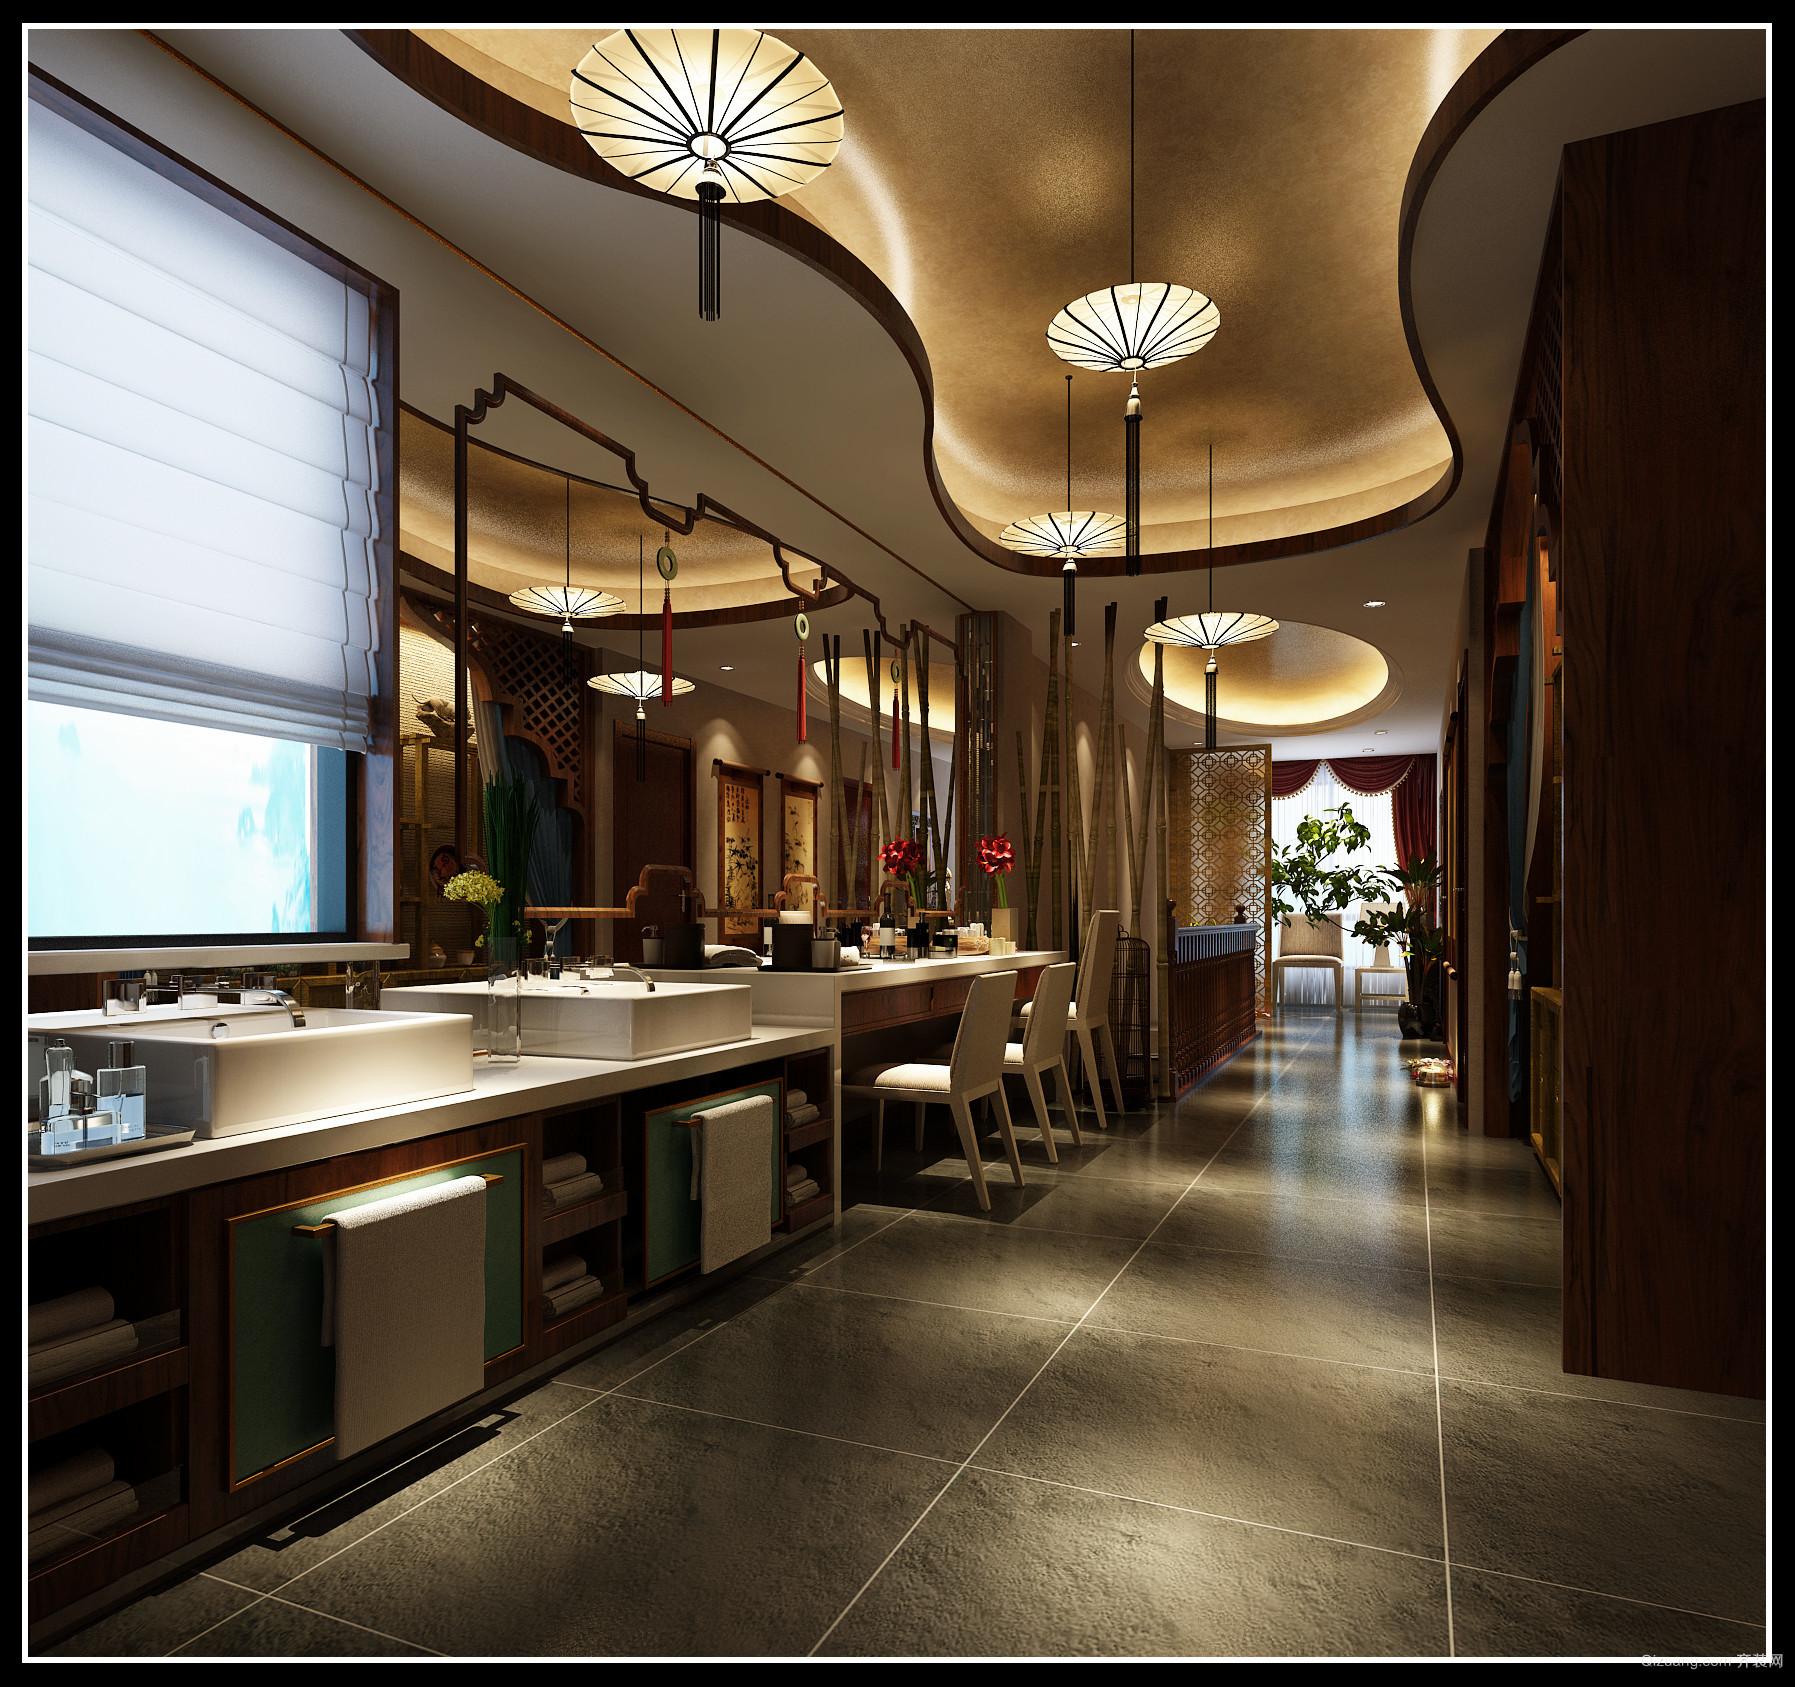 瑞达路禅美养生会馆混搭风格装修效果图实景图